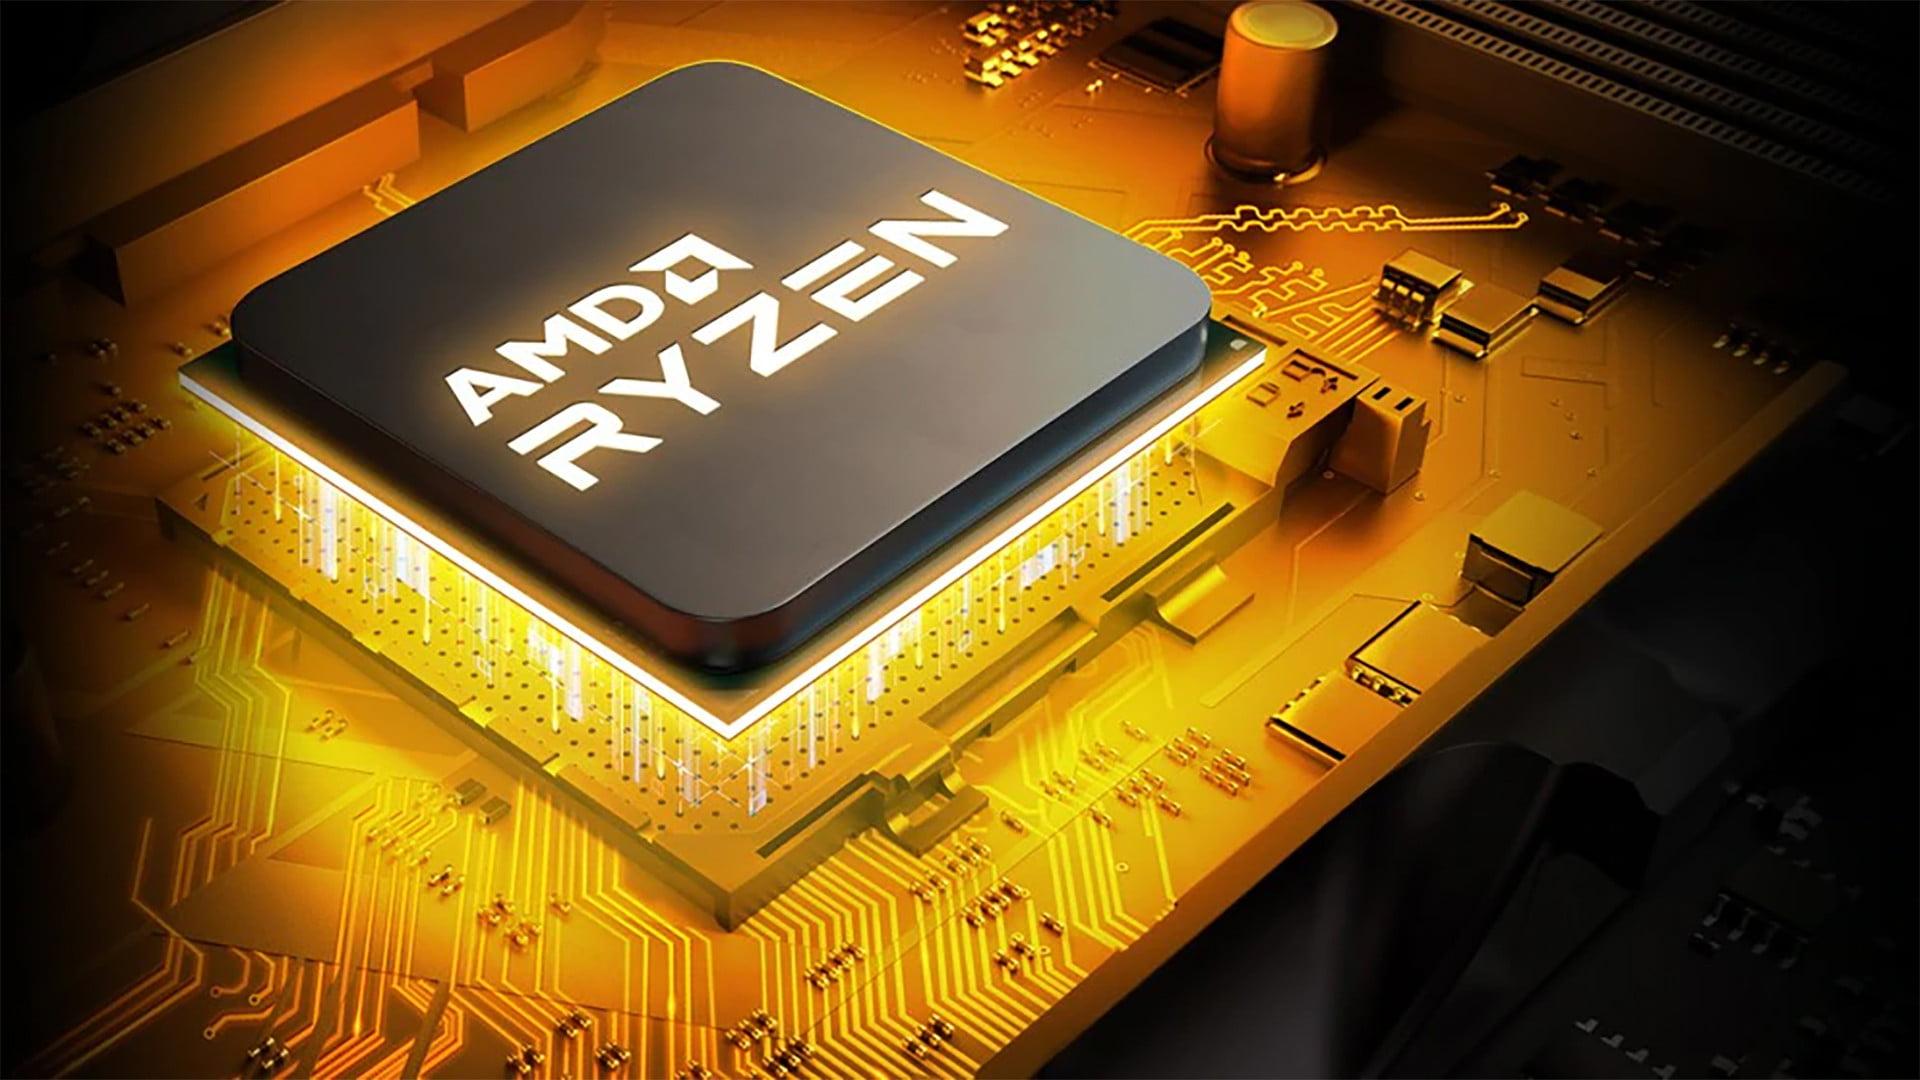 APUهای رایزن ۶۰۰۰ AMD با هستههای +Zen 3 و لیتوگرافی ۶ نانومتری از راه میرسند